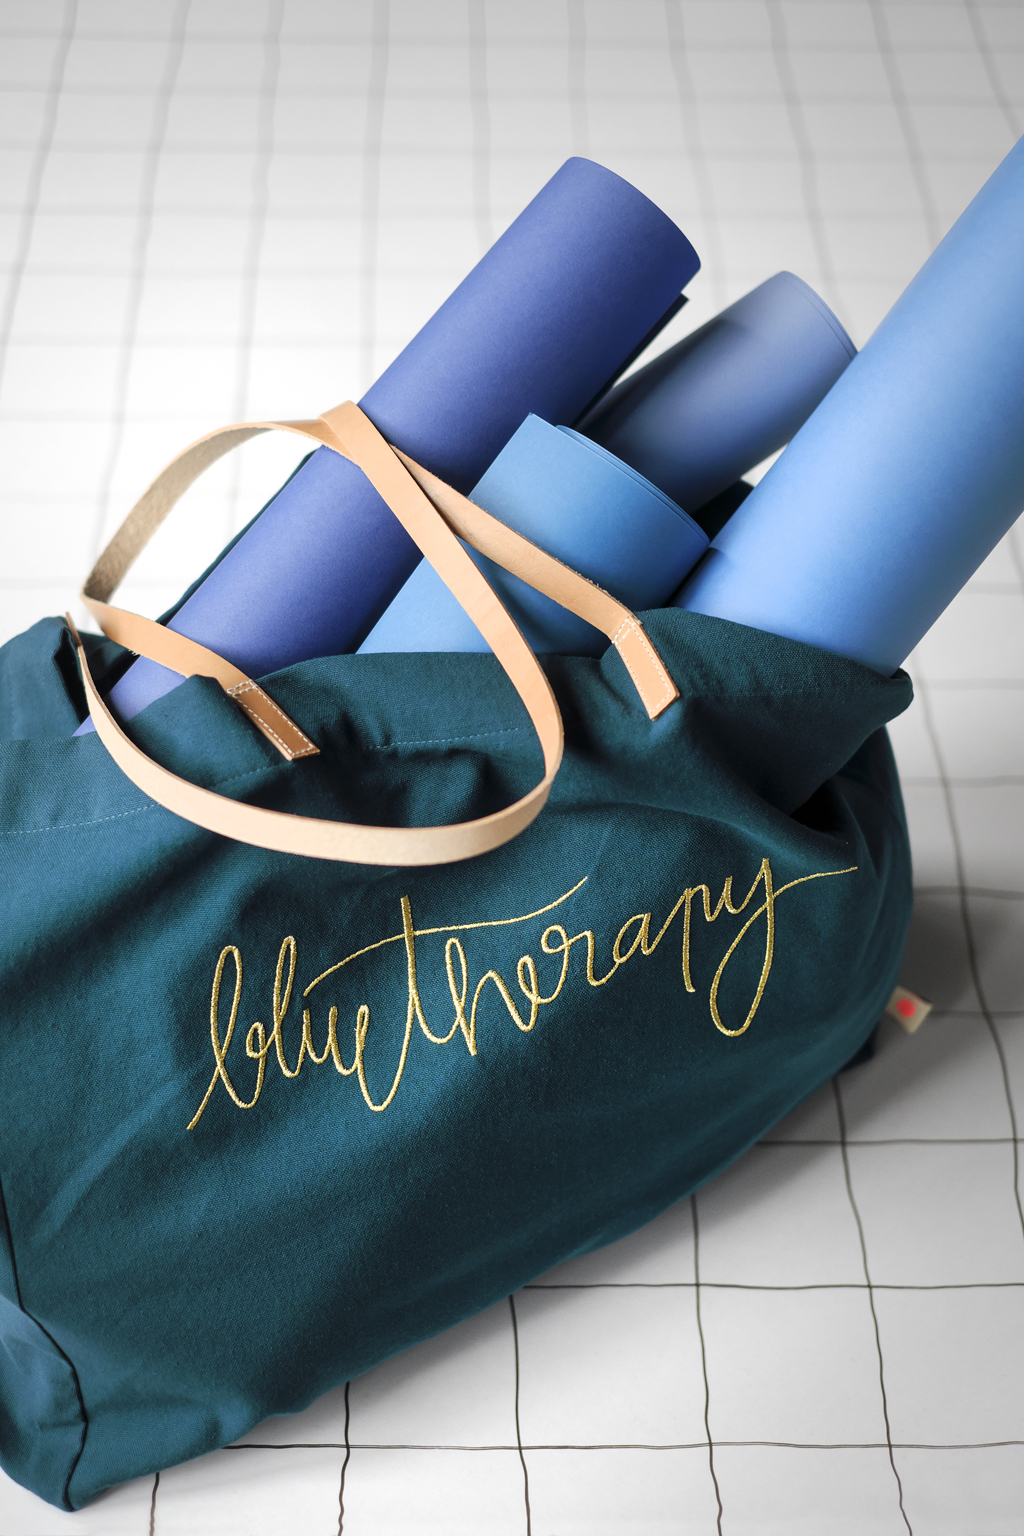 Cabas lin lave blue therapy broderie cuir La Cerise sur le Gateau x Mamie Boude collab l La Fiancee du Panda blog deco et lifestyle